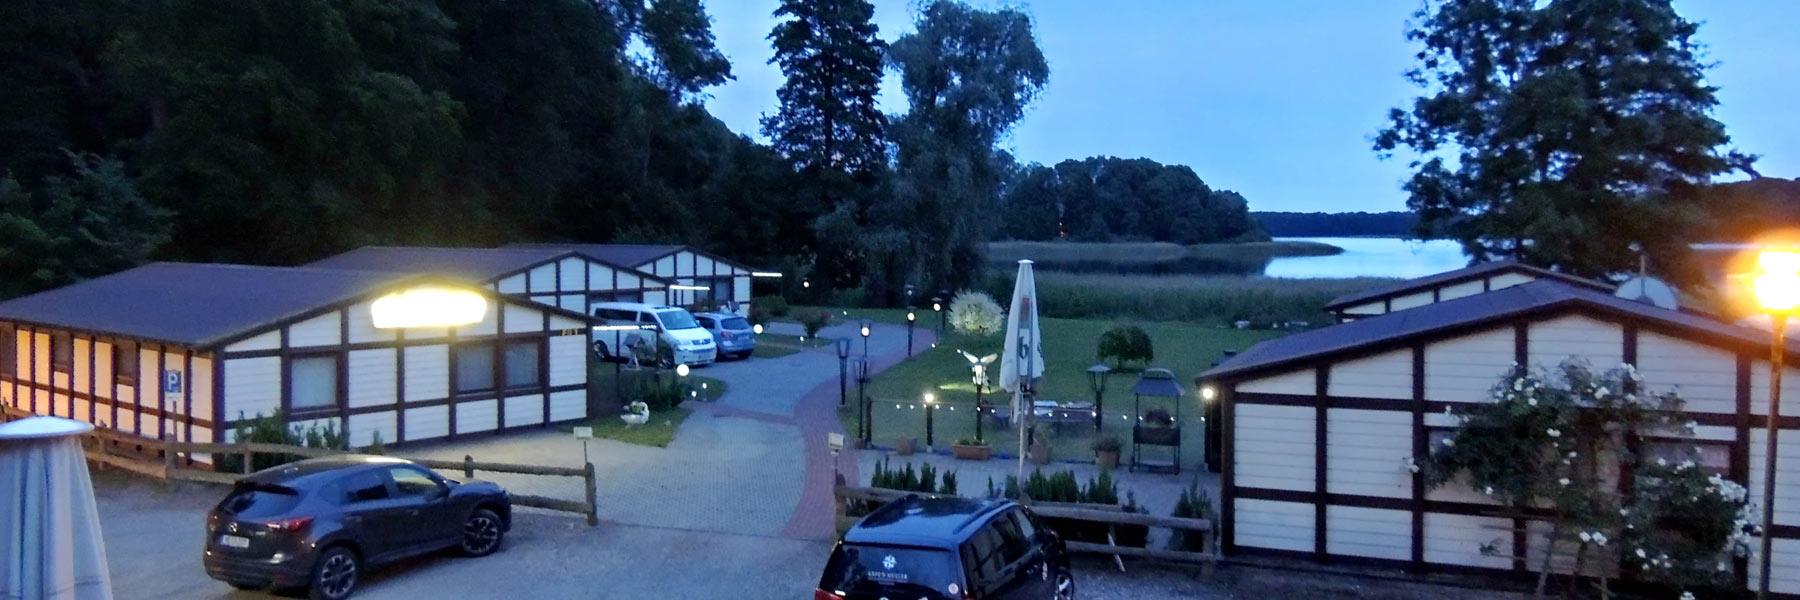 Abendstimmung - Insel-Hotel & Ferienhäuser Dobbertin